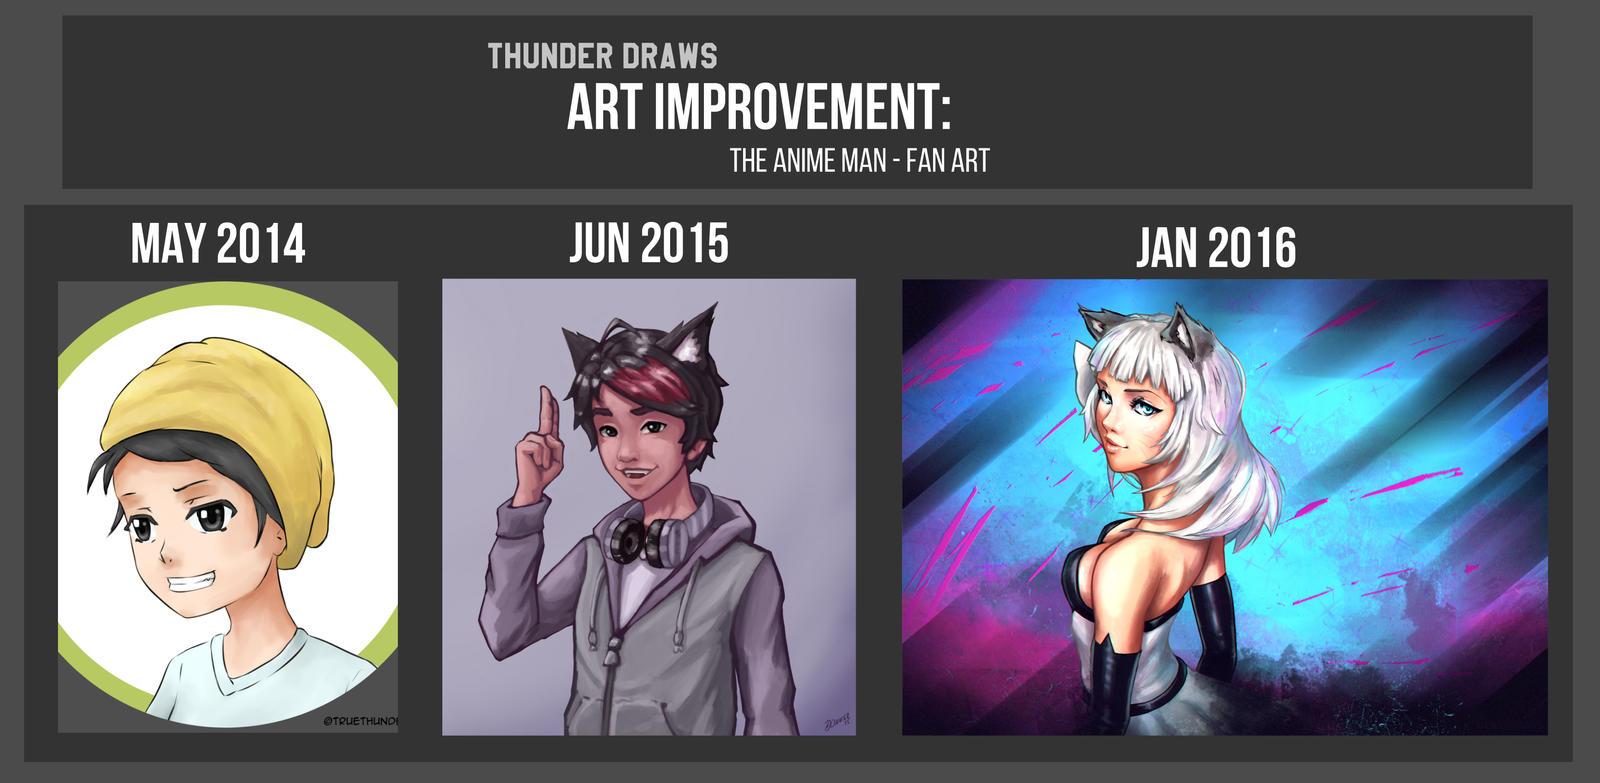 Art Improvement - TheAnimeMan fanart!